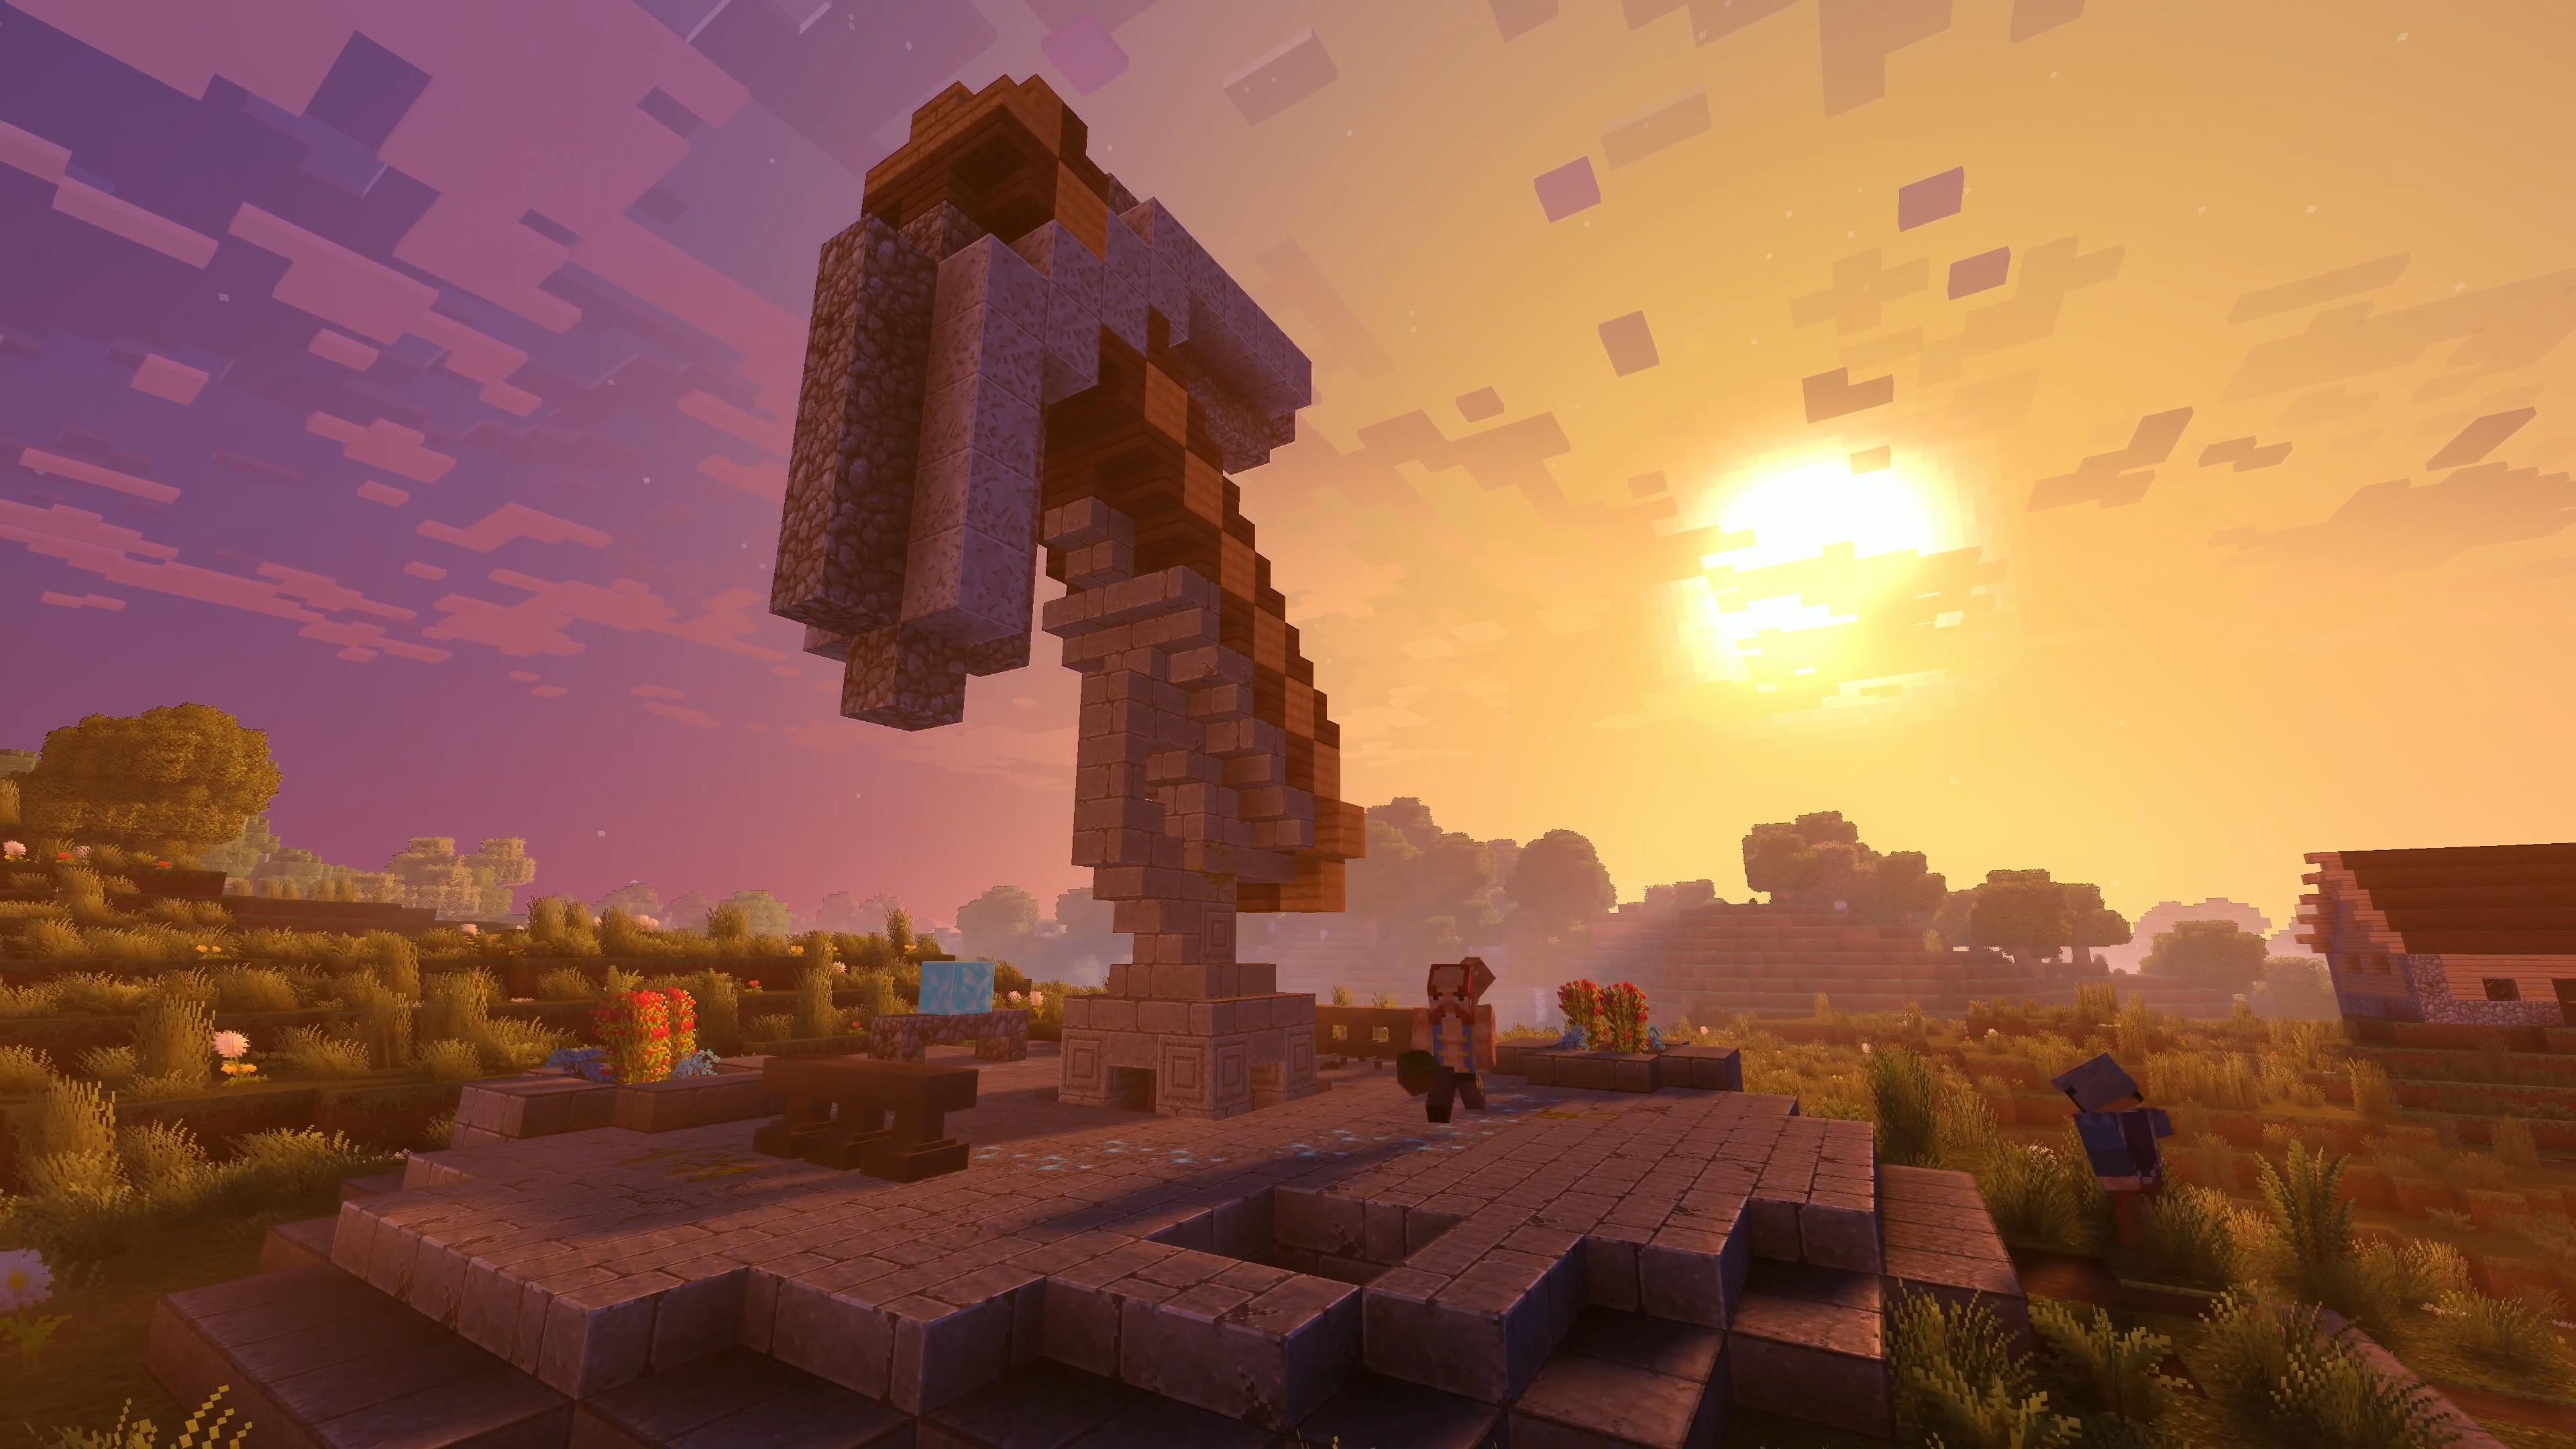 Minecraft GrafikUpdate Erst UnterwasserUpdate Kommt - Minecraft auf alten pc spielen